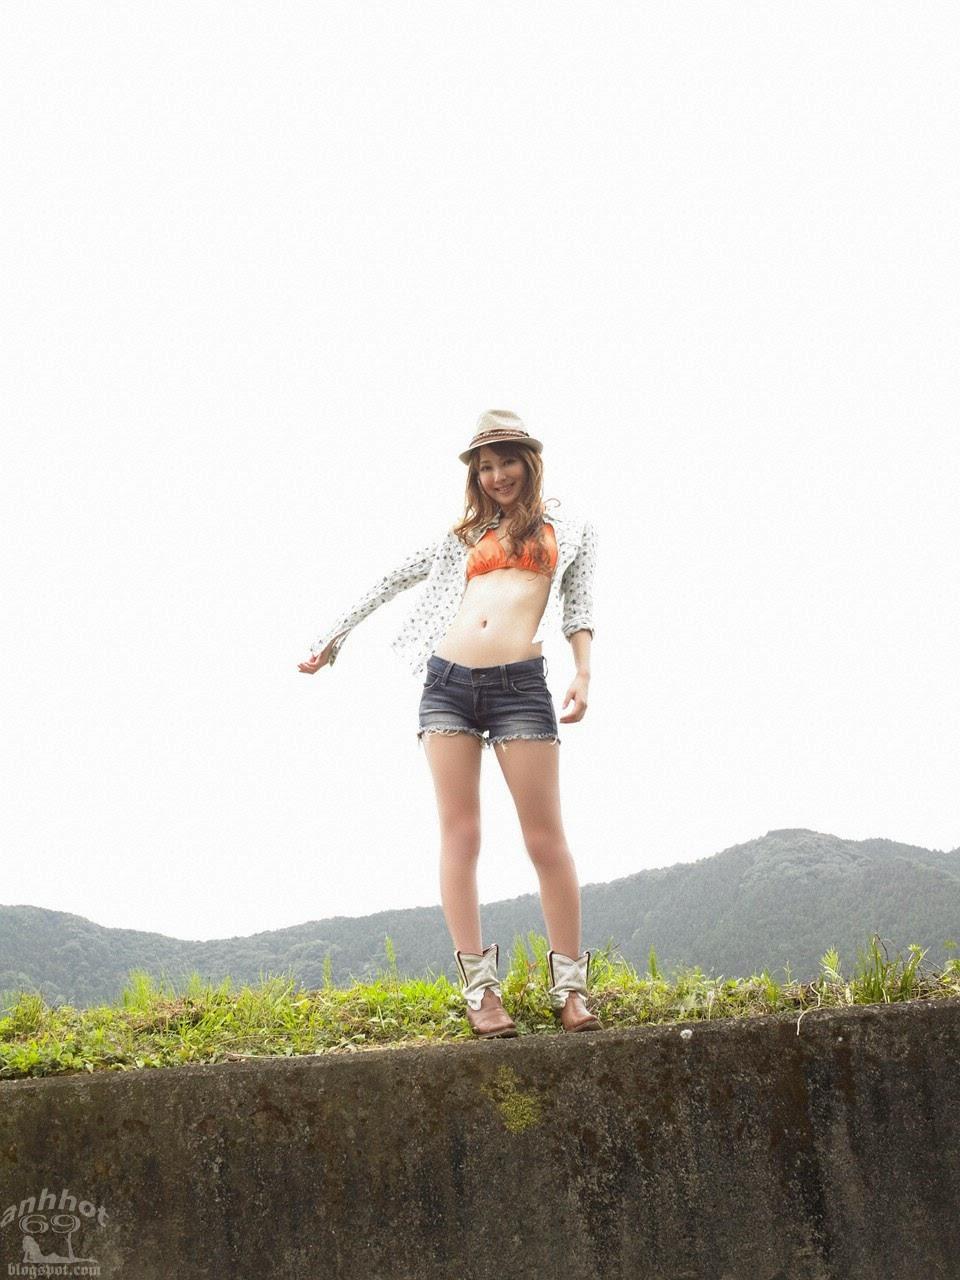 nozomi-sasaki-00469187